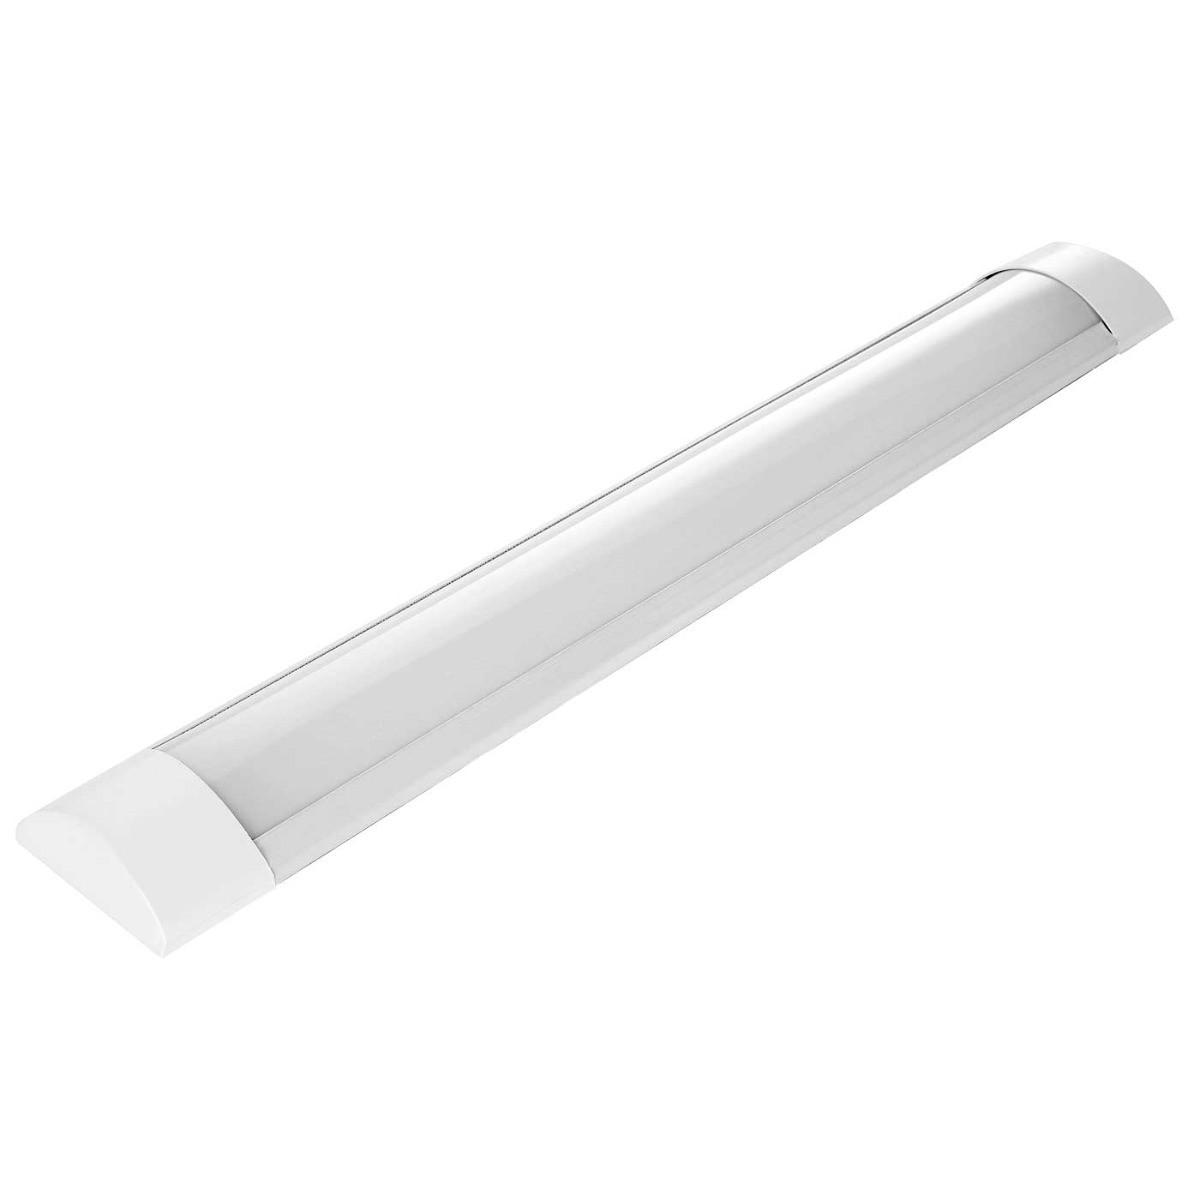 Luminária FIT LED 36W 6500K Bivolt - LUZ SOLLAR